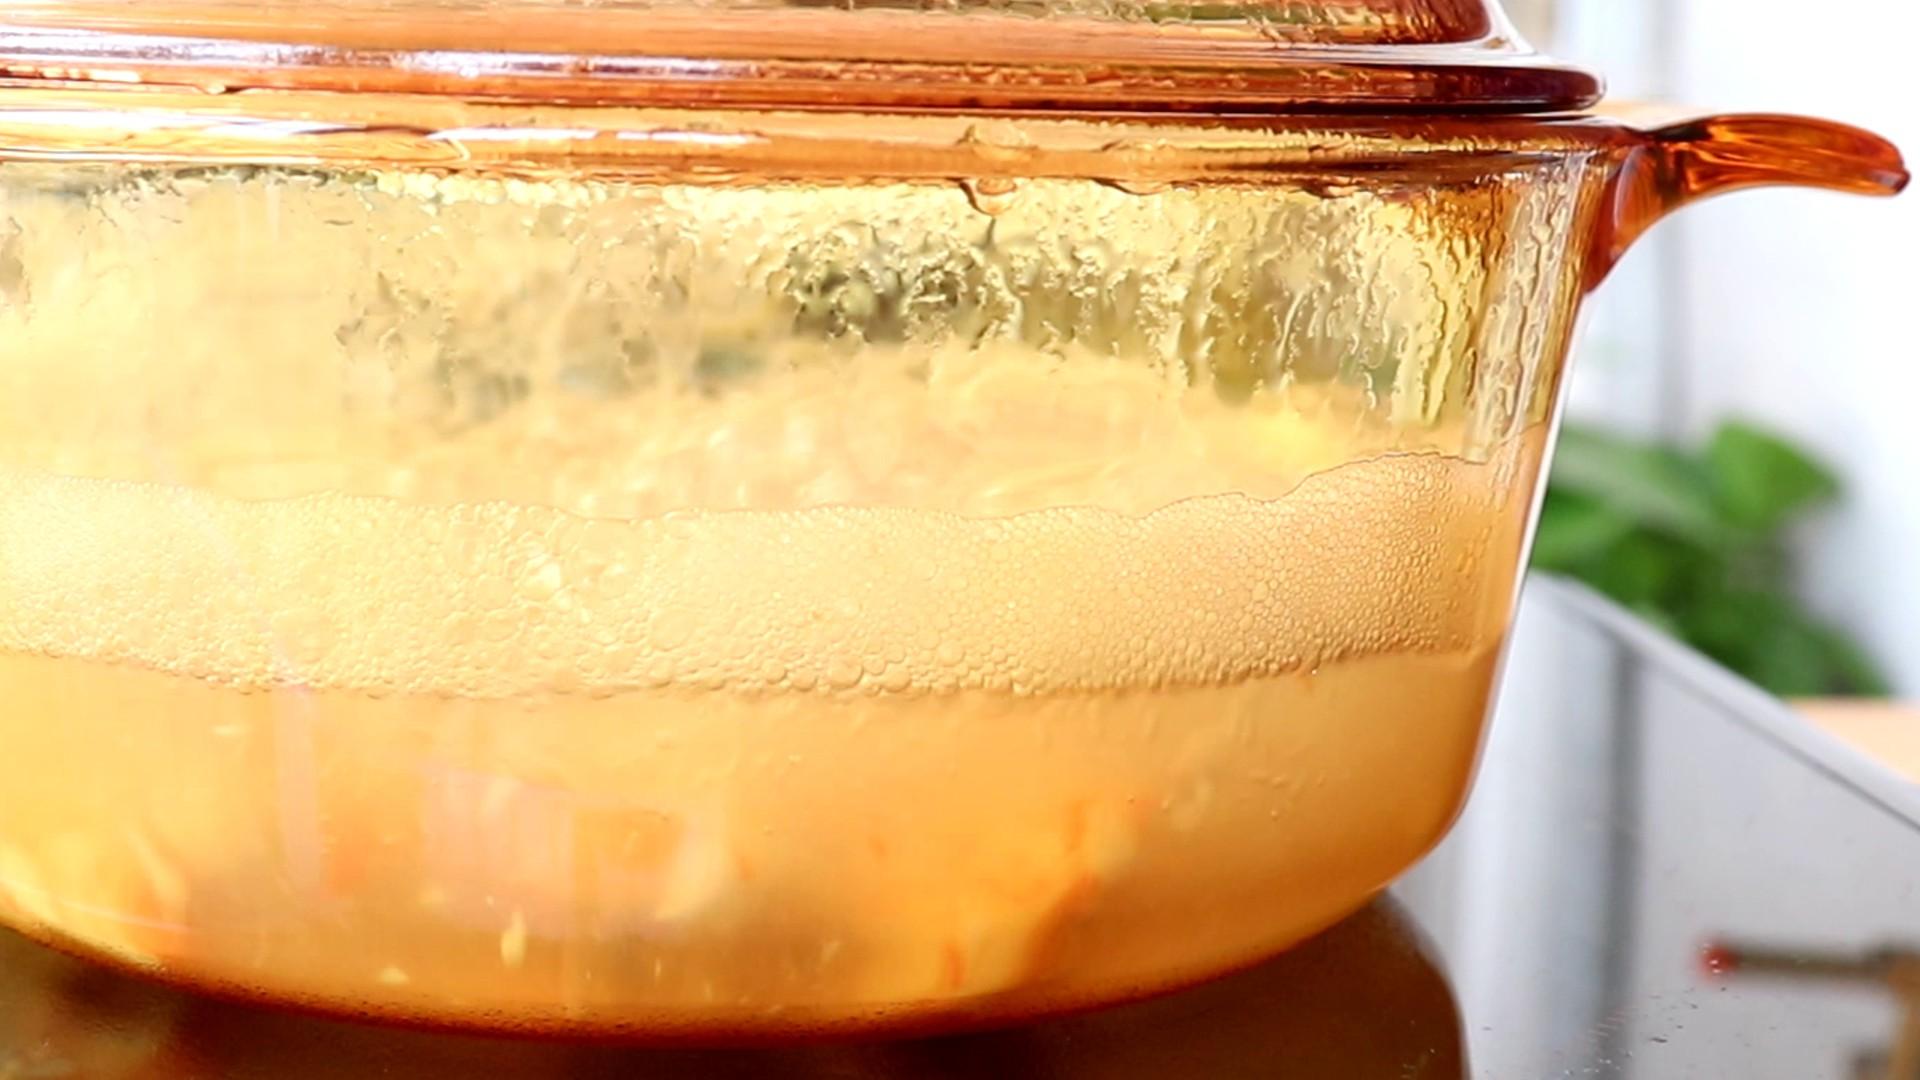 平底锅虾肉松,处理好的虾肉和姜片放入盛放冷水的锅中,煮熟</p> <p>tips:一般水沸腾2min左右,虾就熟了